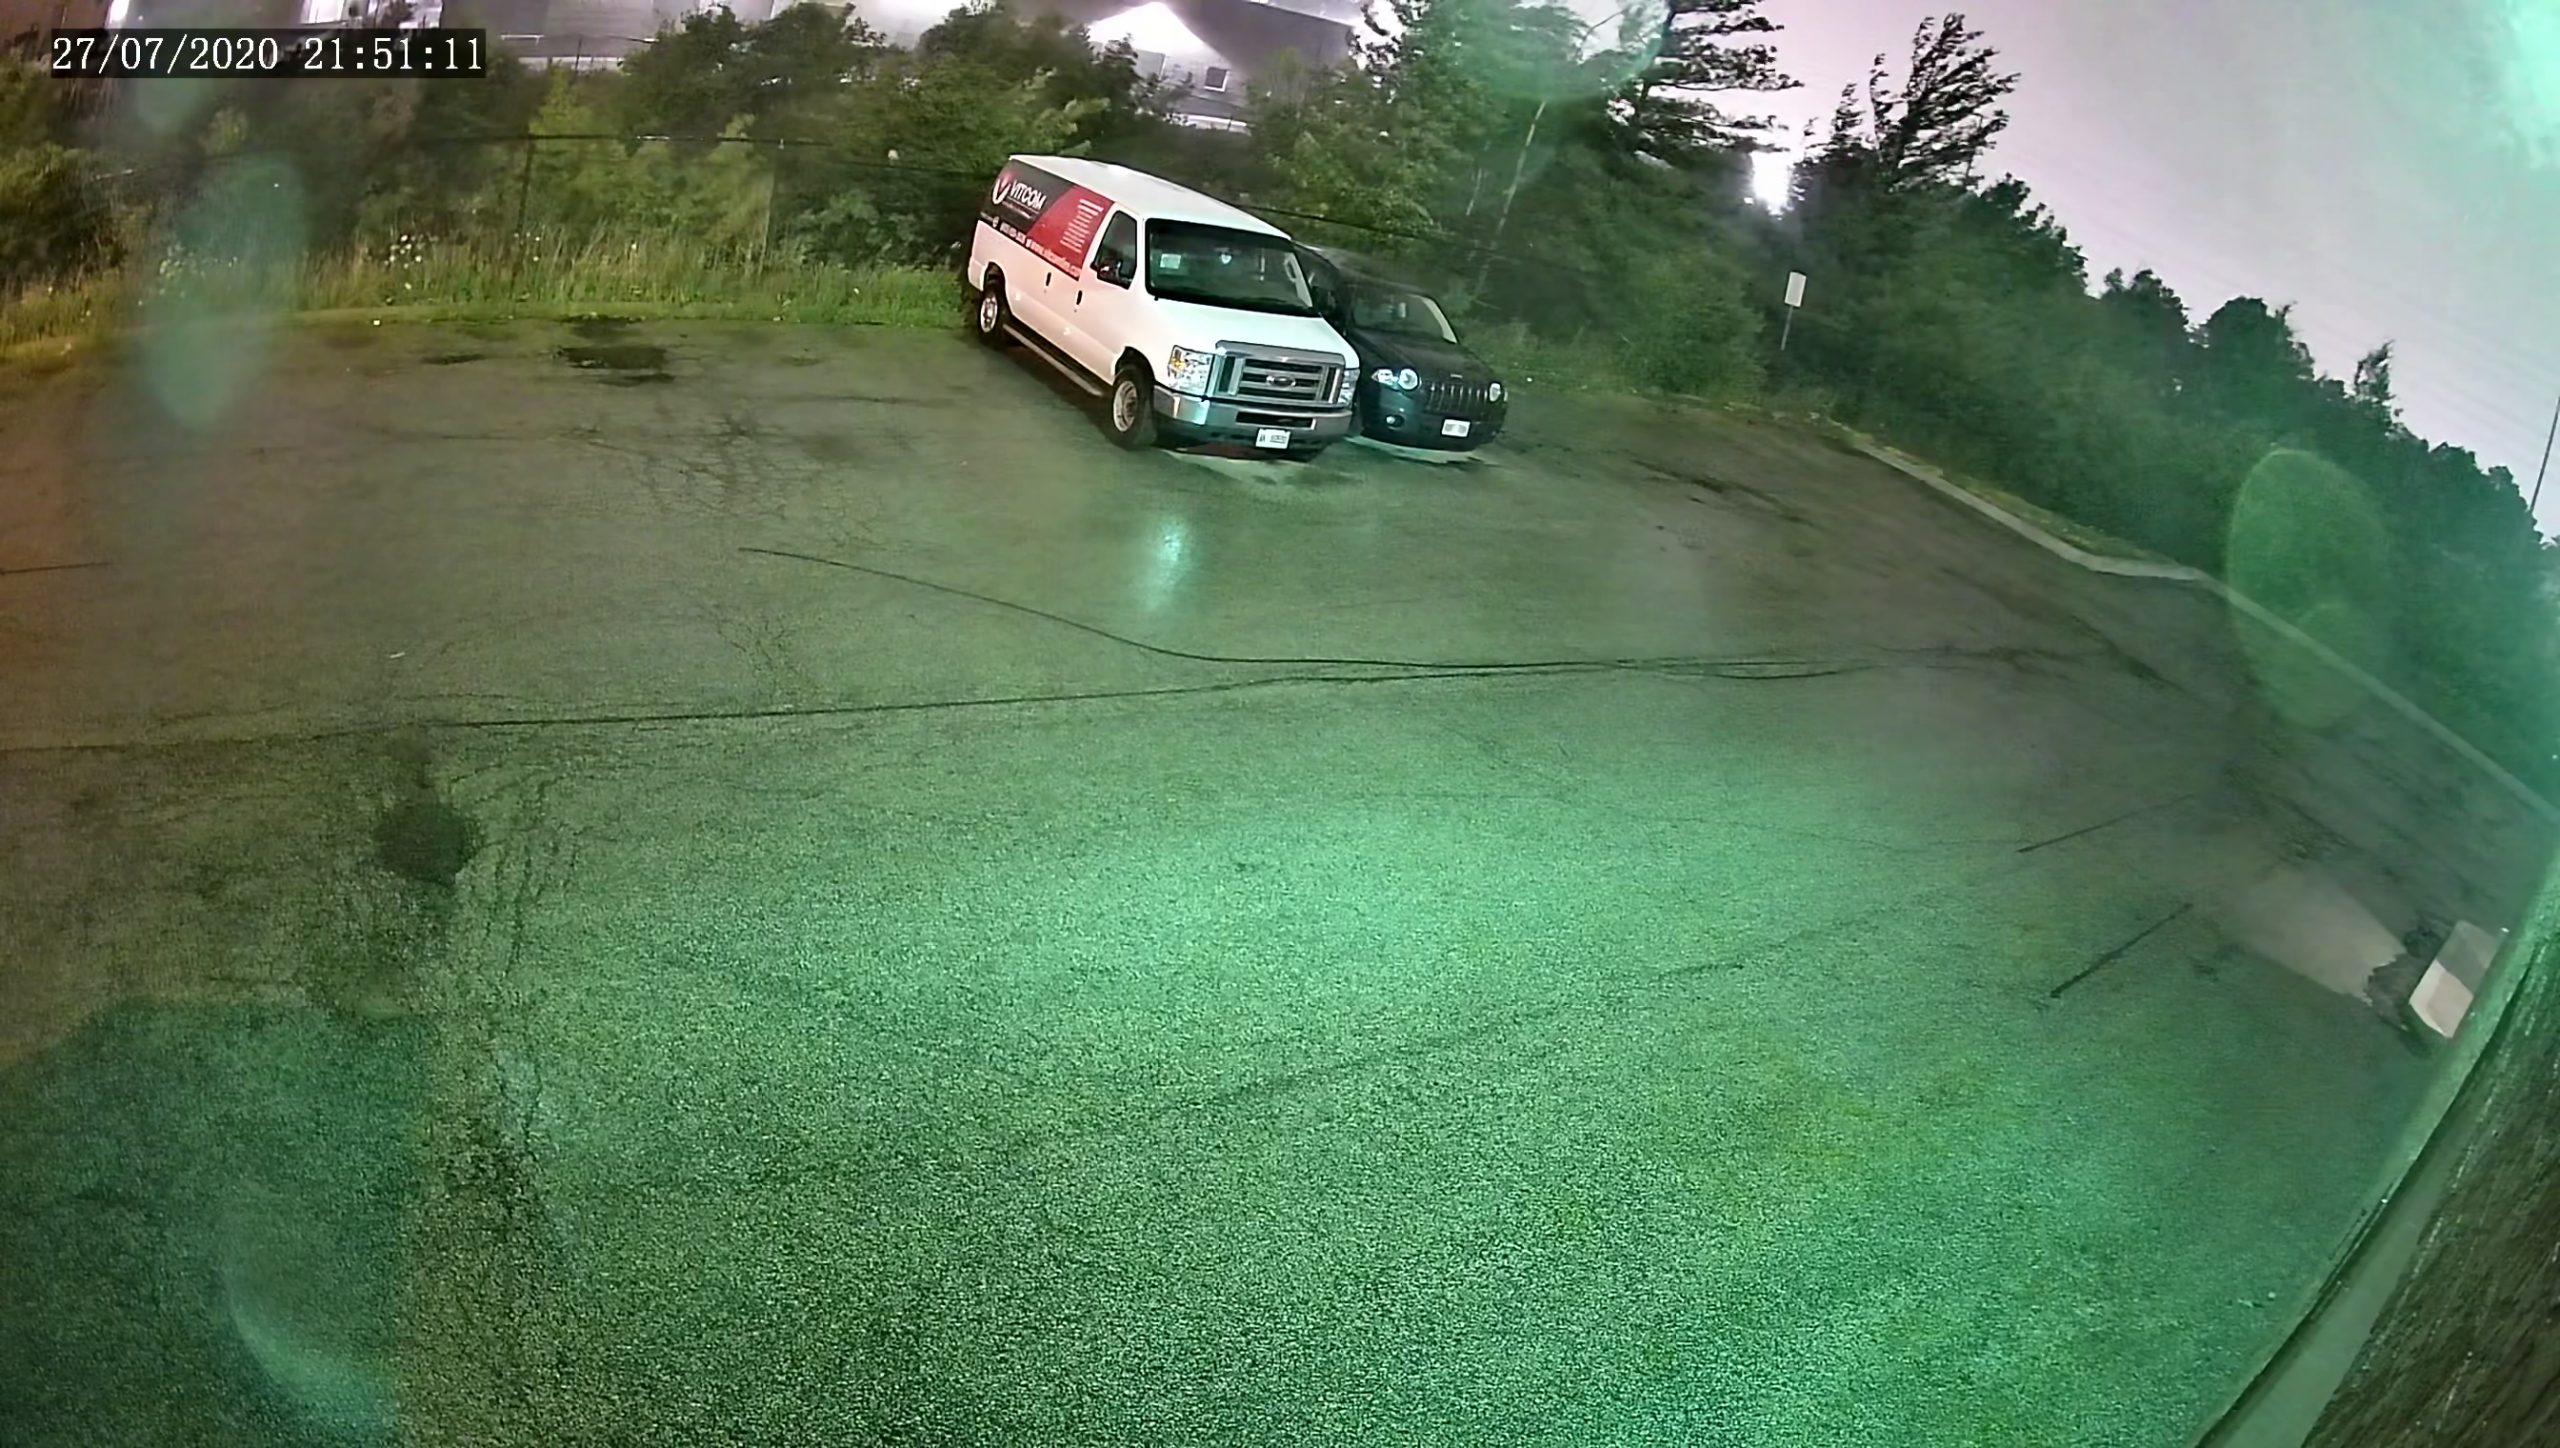 Uniview IPC3234SA-DZK LightHunter Night Snapshot View Camera